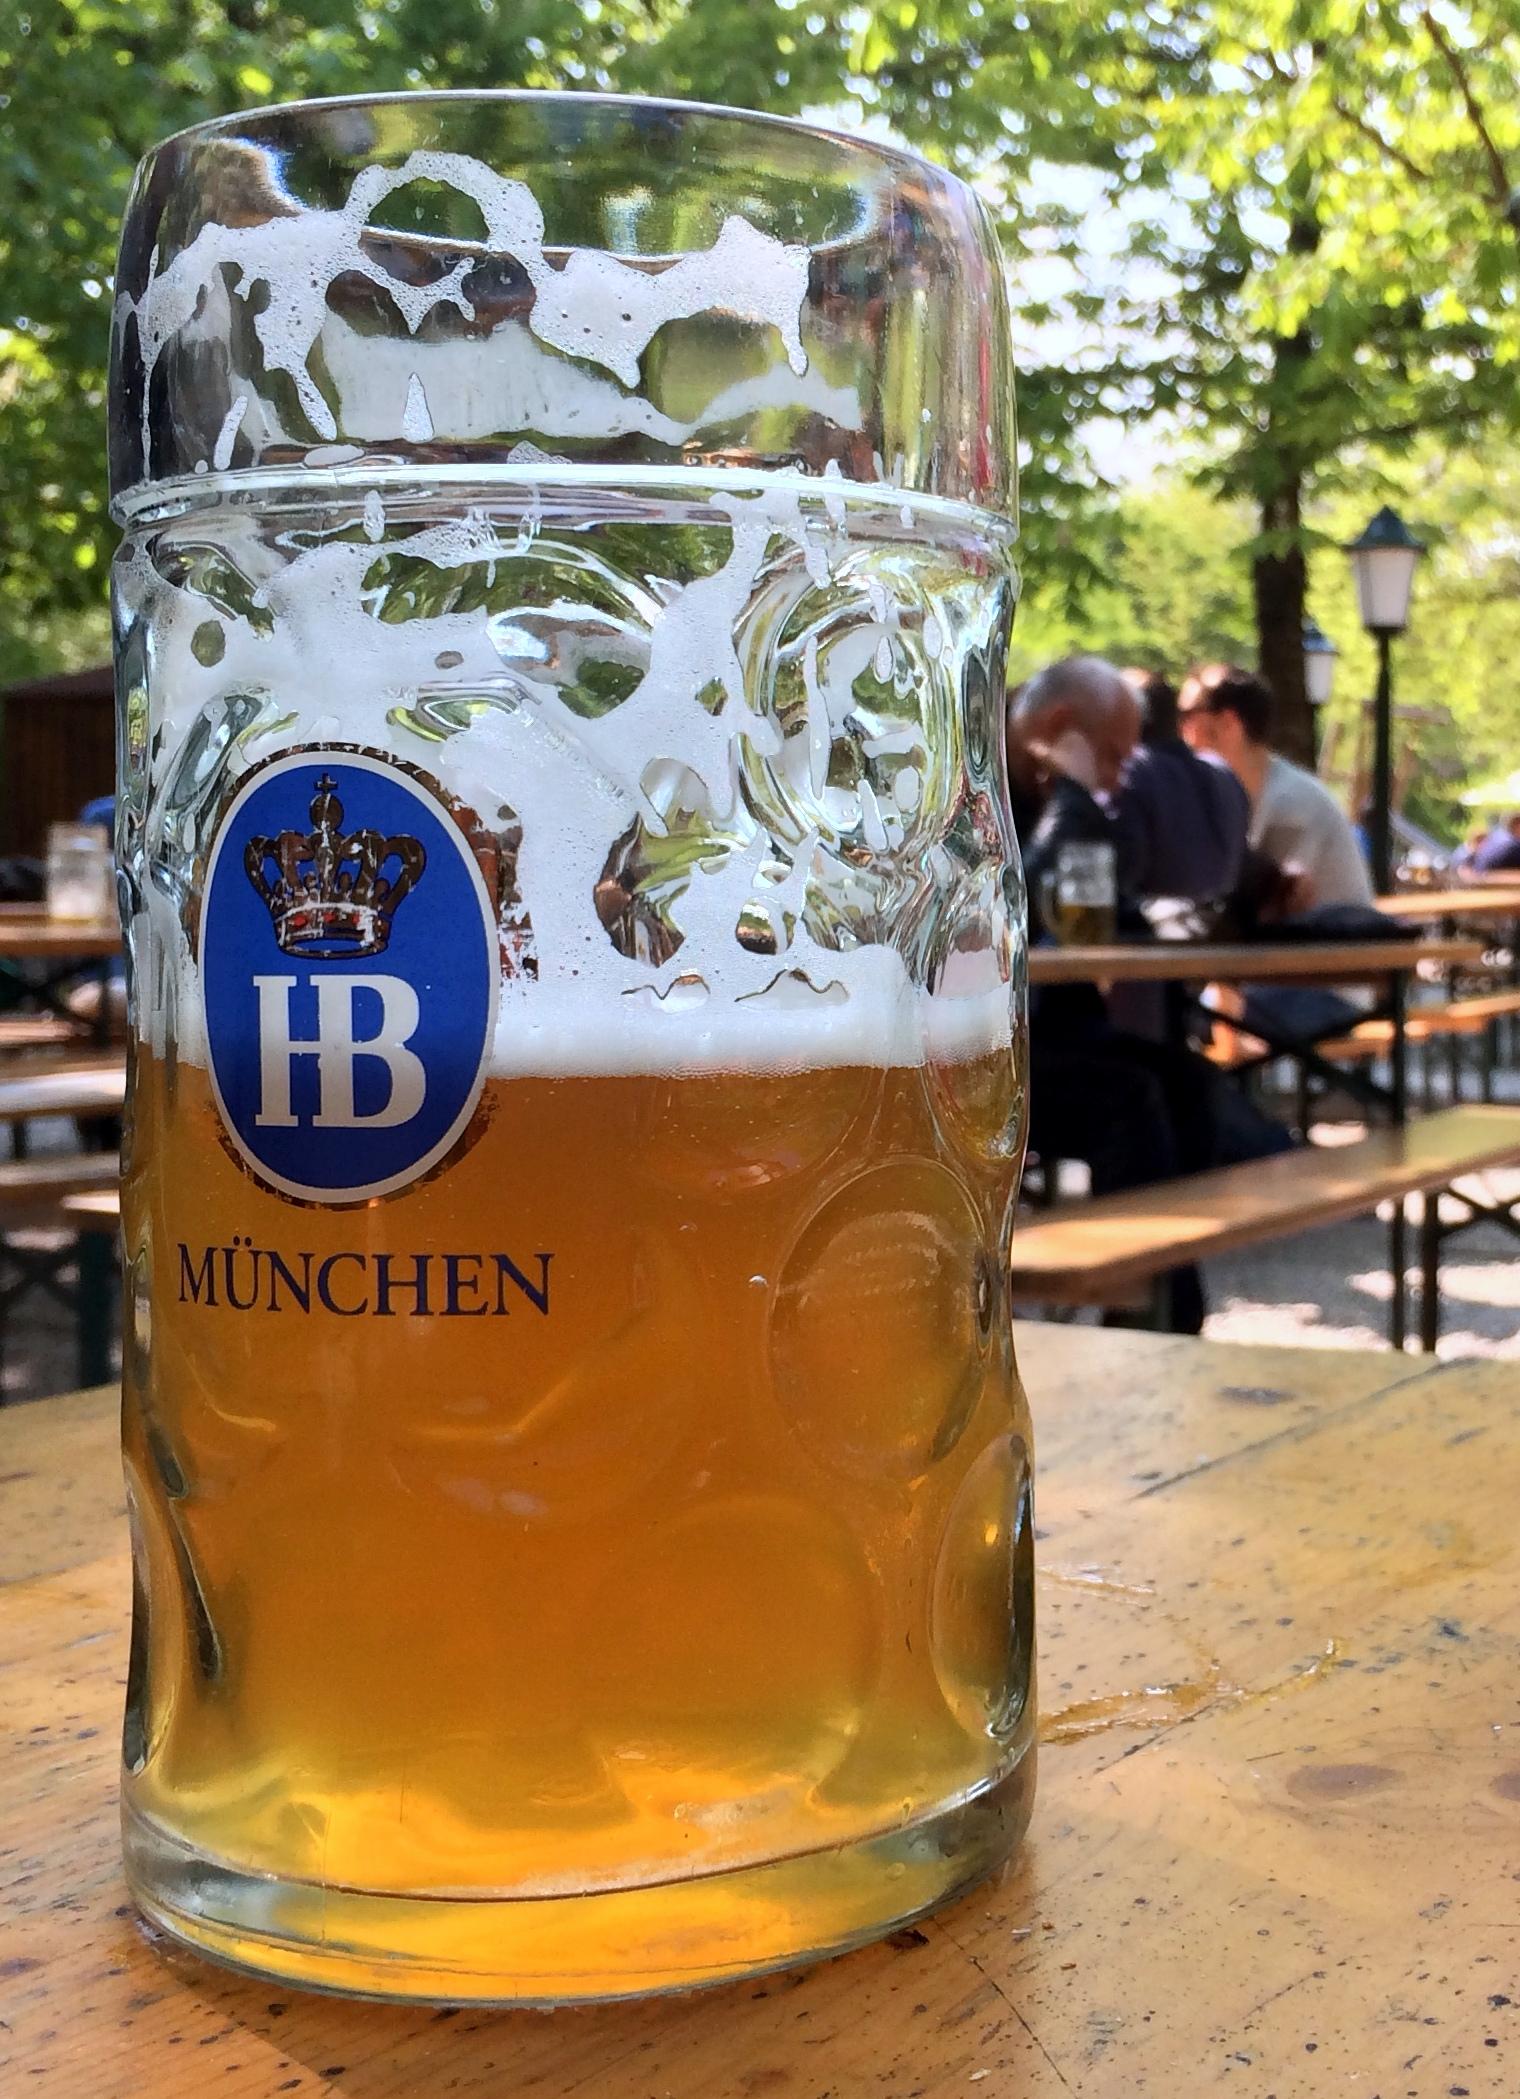 Bildergebnis für fotos von einer maß bier